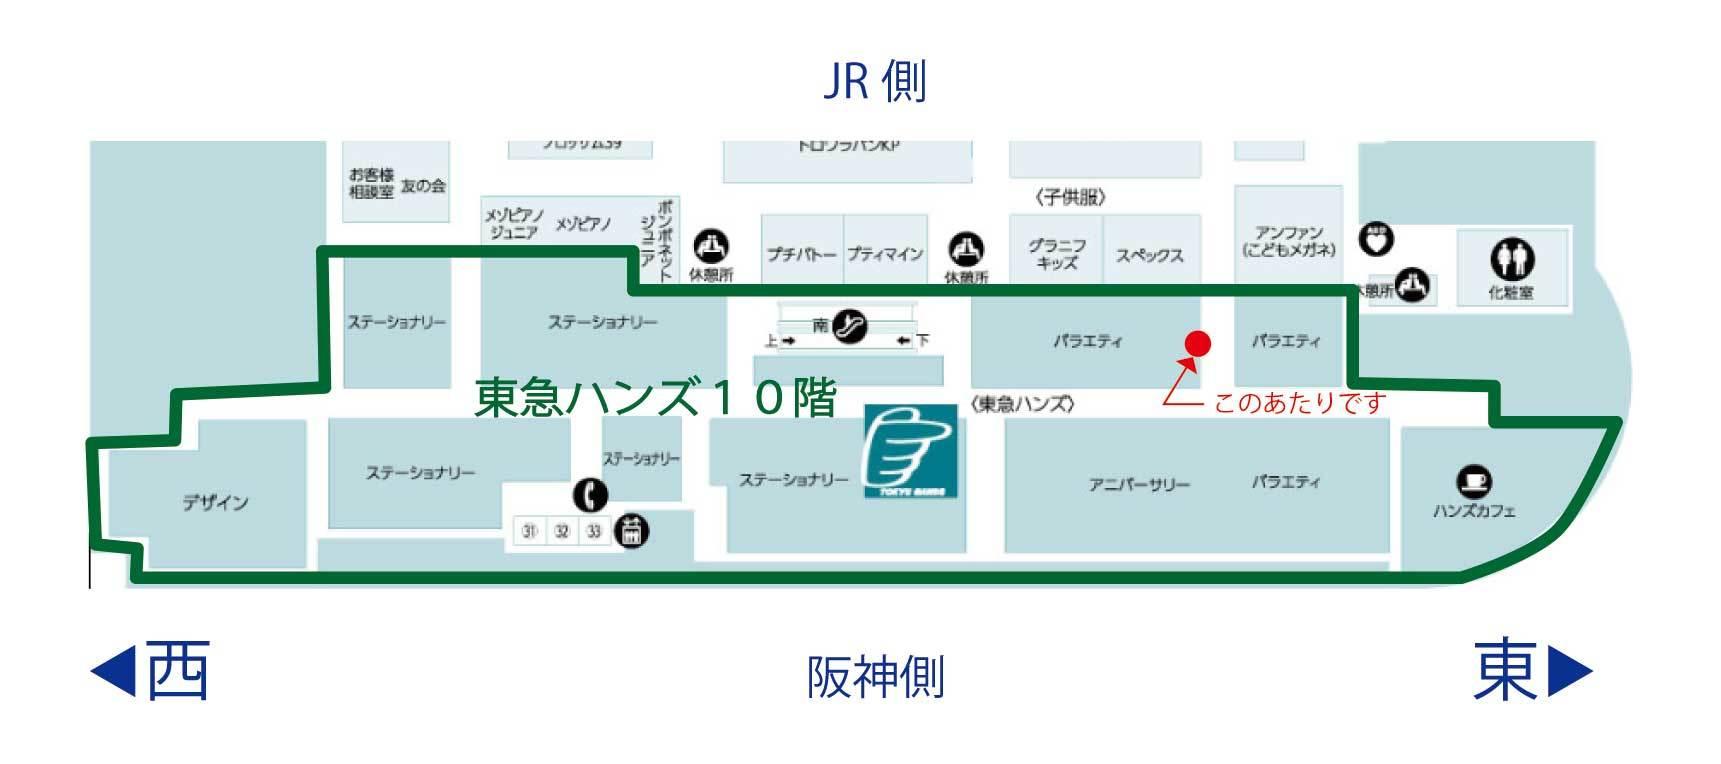 東急ハンズ梅田店での常設販売ラックの場所が変わりました。_a0129631_14112165.jpg